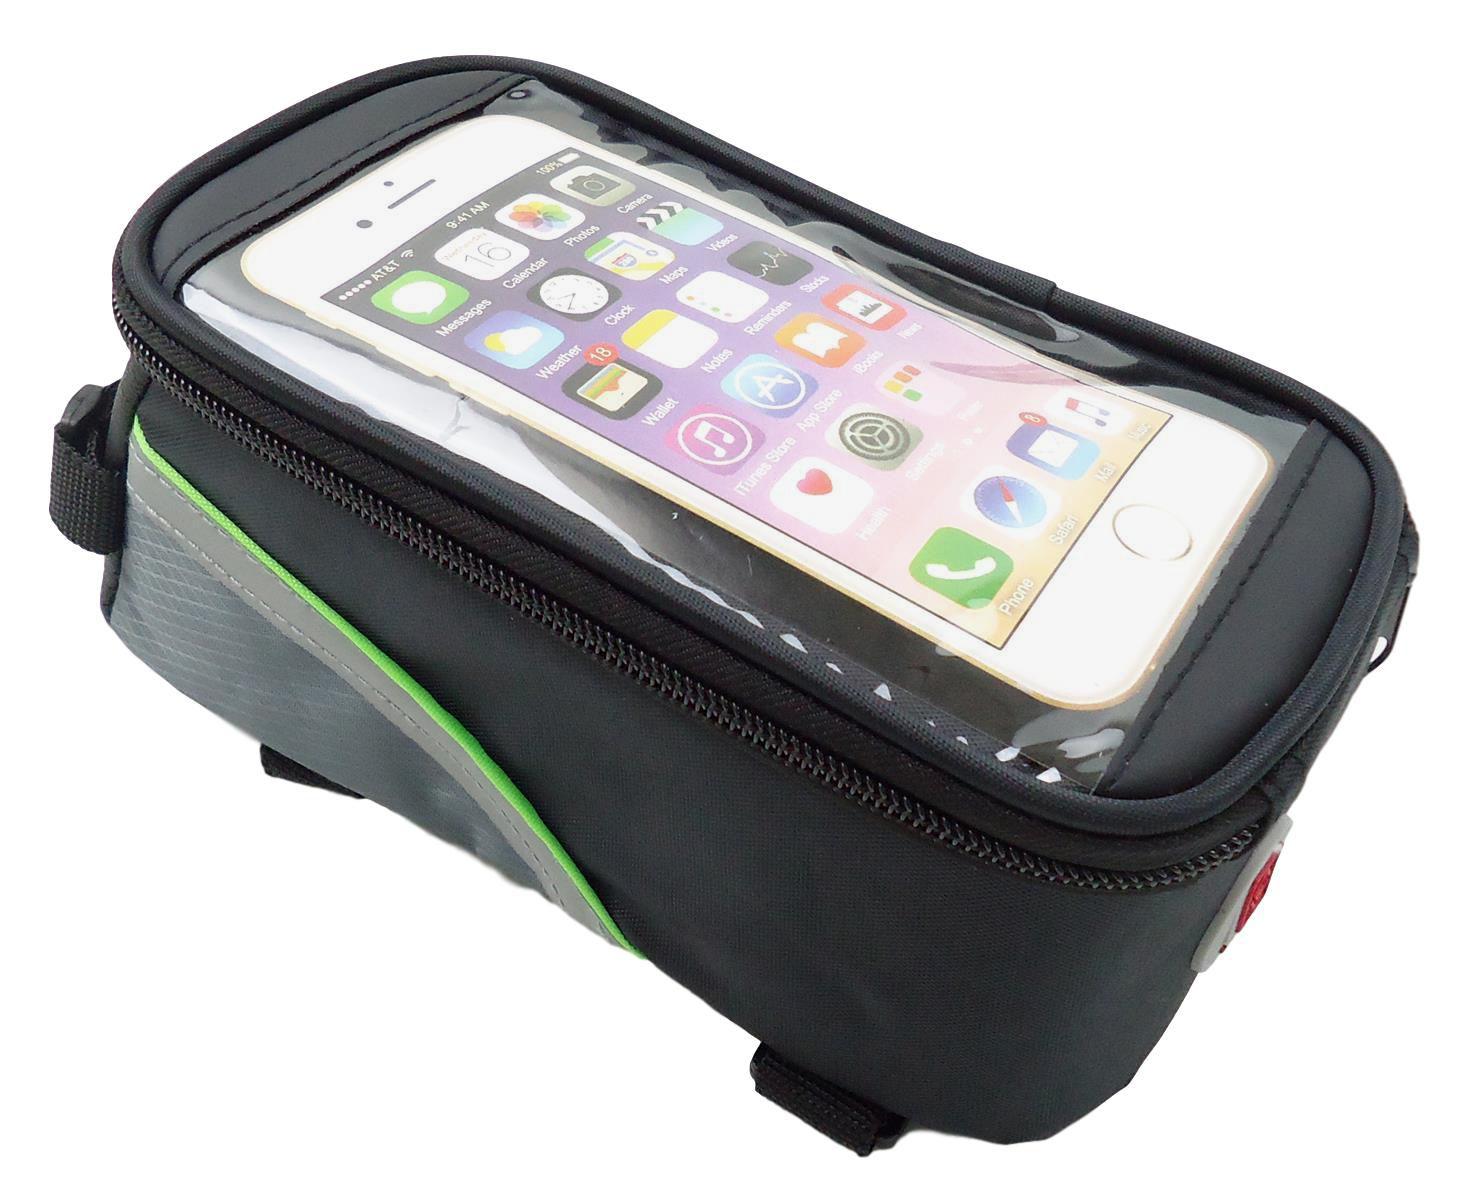 Bolsa Porta Celular Para Quadros Bicicletas Tamanho G Serve até 6.3 polegadas